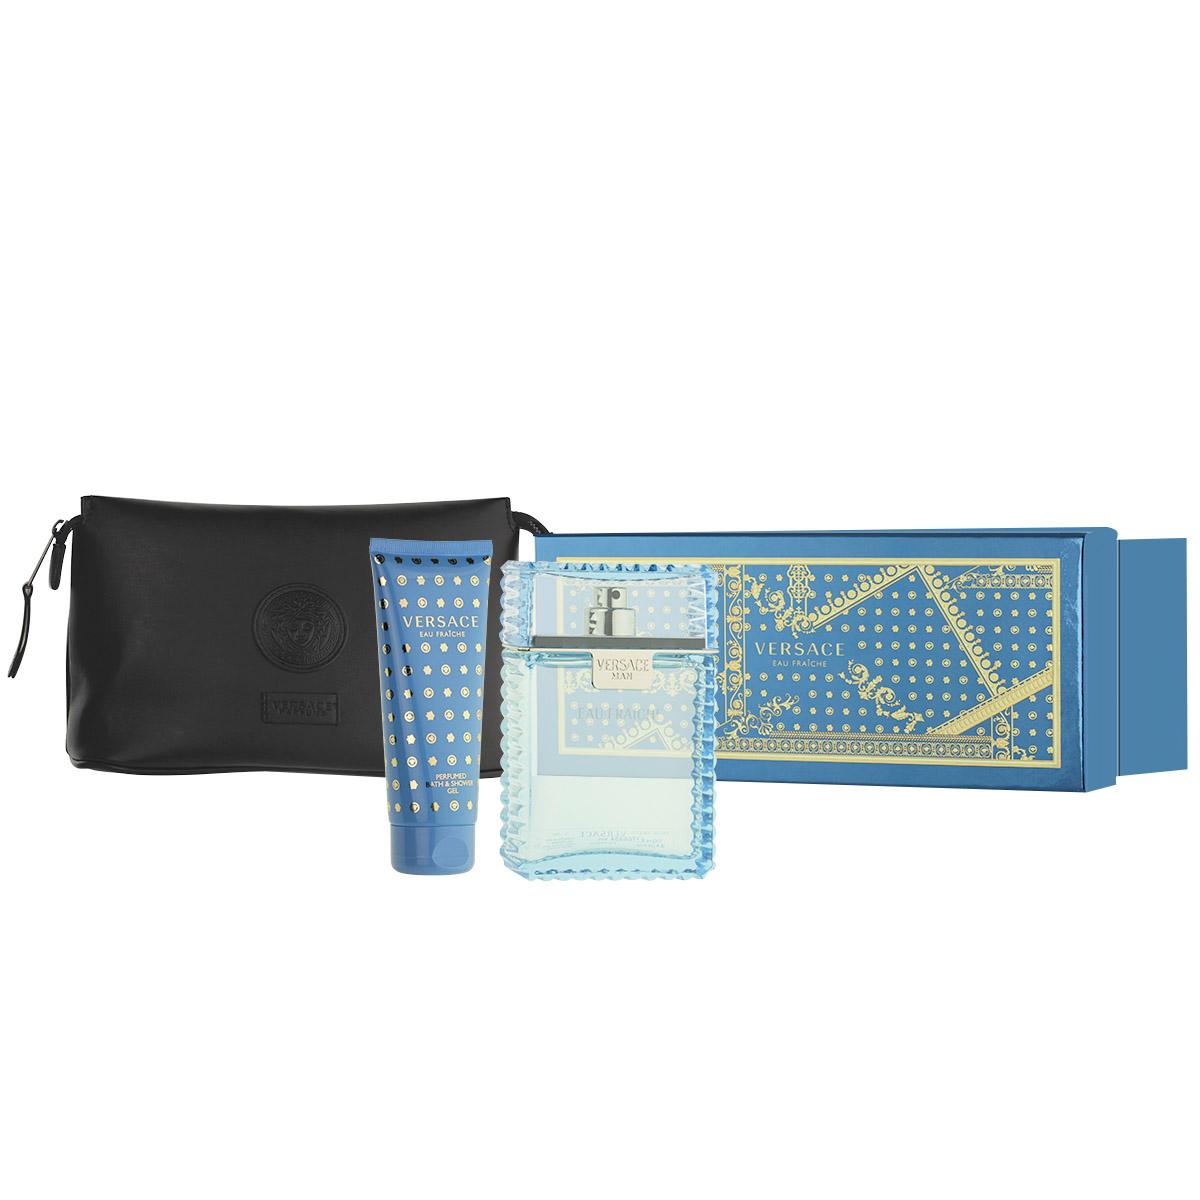 Versace Man Eau Fraîche EDT 100 ml + SG 100 ml + černá kosmetická taška M